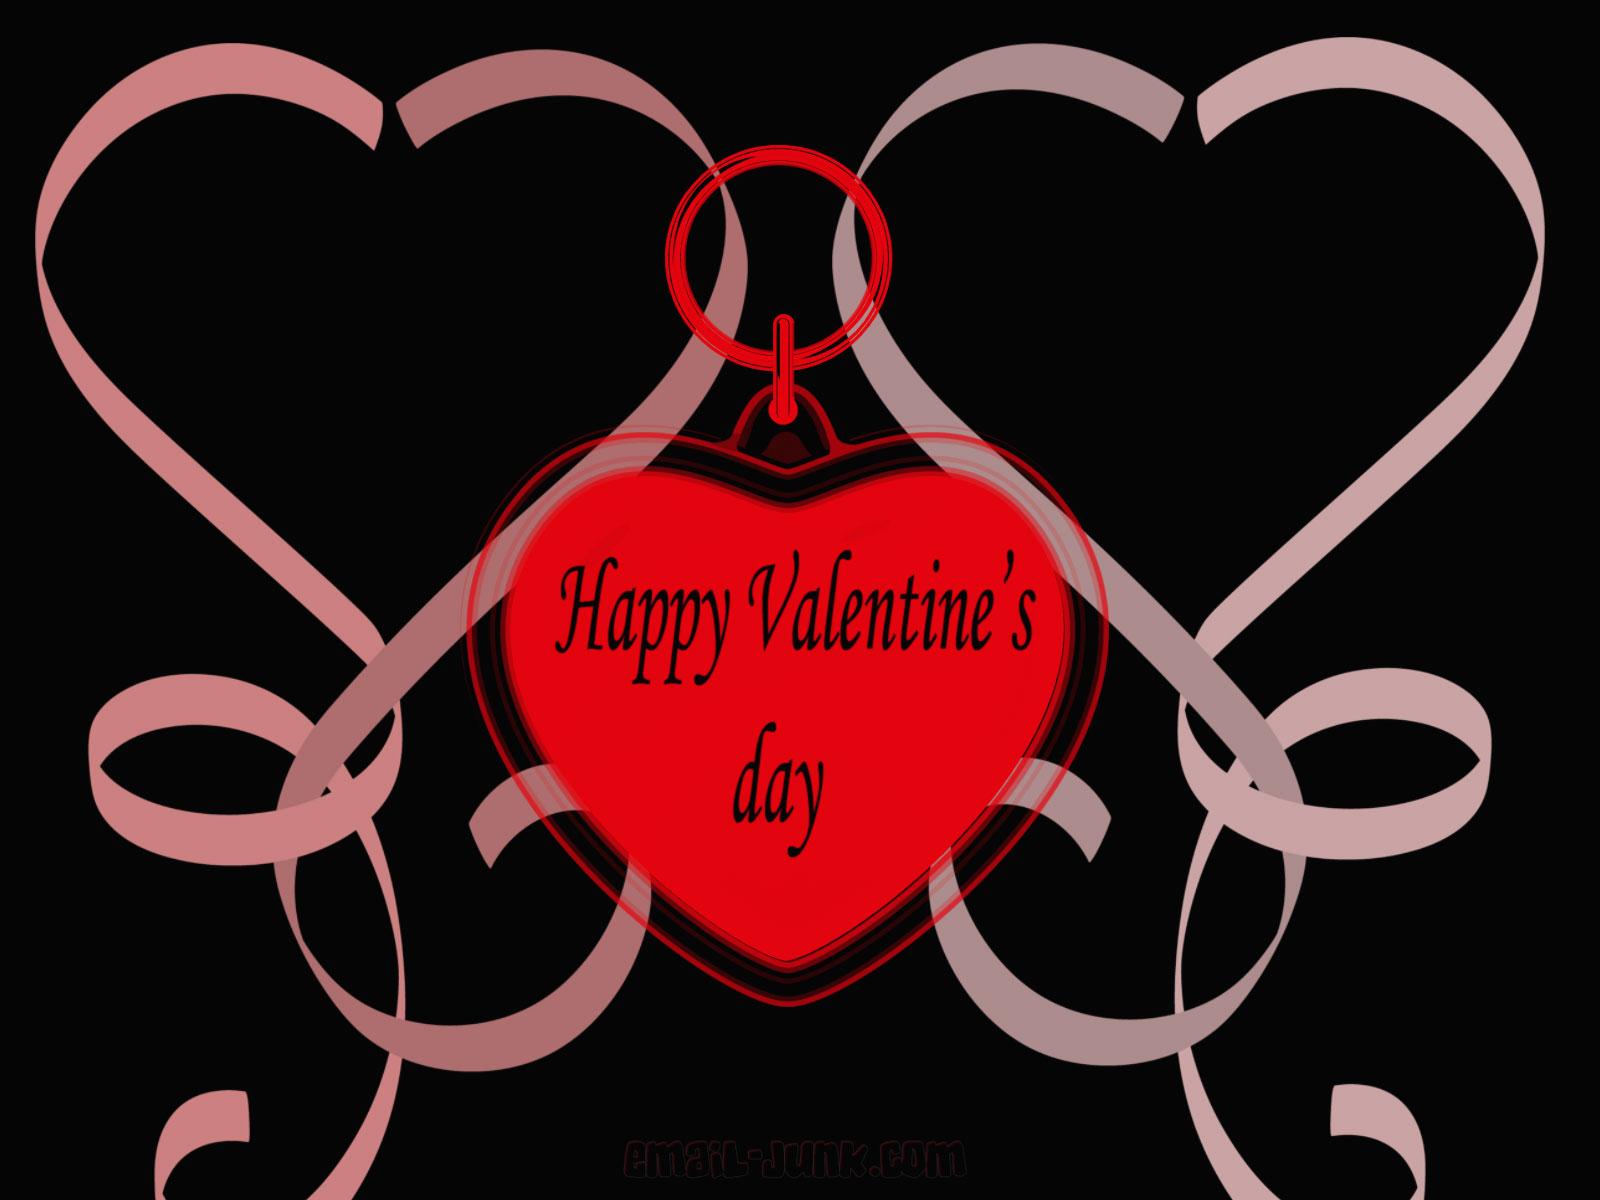 http://1.bp.blogspot.com/-razDCyETgI8/T7U0NzhPu_I/AAAAAAAAEq4/pxPHEoJCwV4/s1600/Happy-Valentines-Day-Wallpaper+(11).jpg